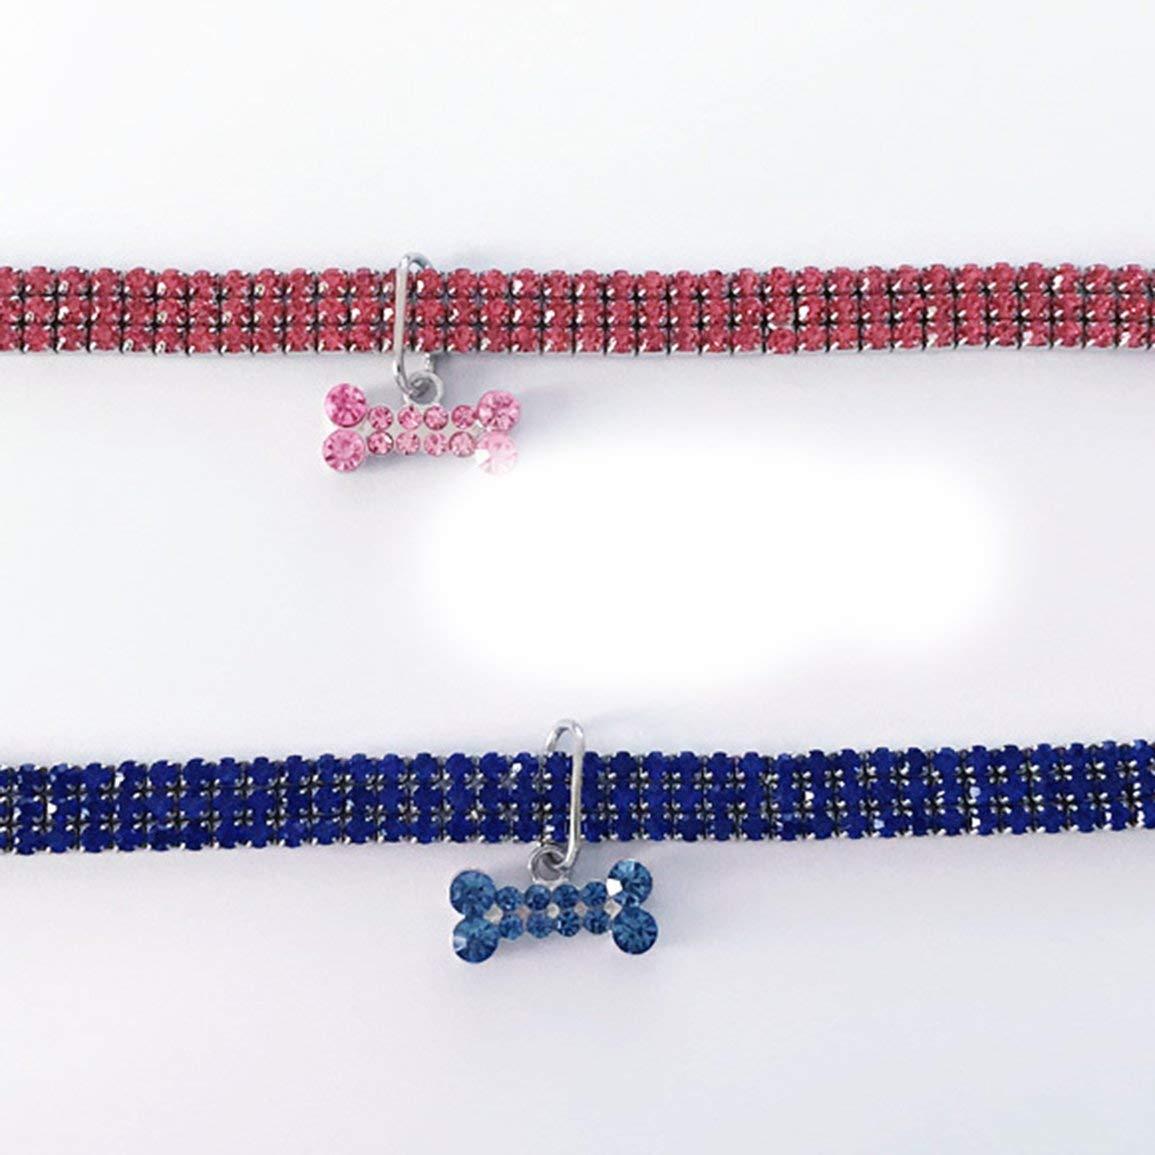 *Fantasyworld Collar de Perro del Gato cristalino Brillante del Collar de Perro de Mascota Mini Diamantes de Imitaci/ã/³n Gargantilla Collares de Lujo para Mascotas El/ã/¡Stico Joyer/ã/a Ajustable